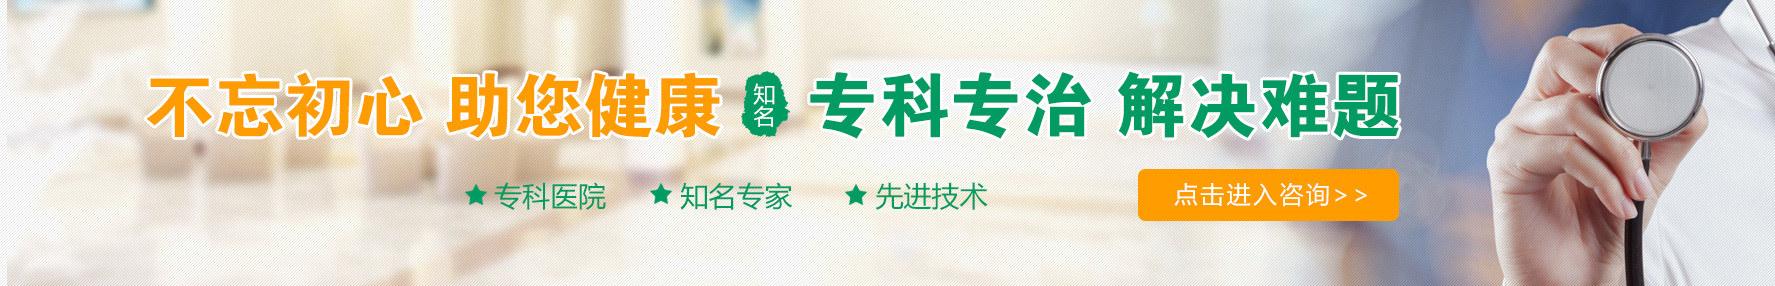 广州私密整形医院